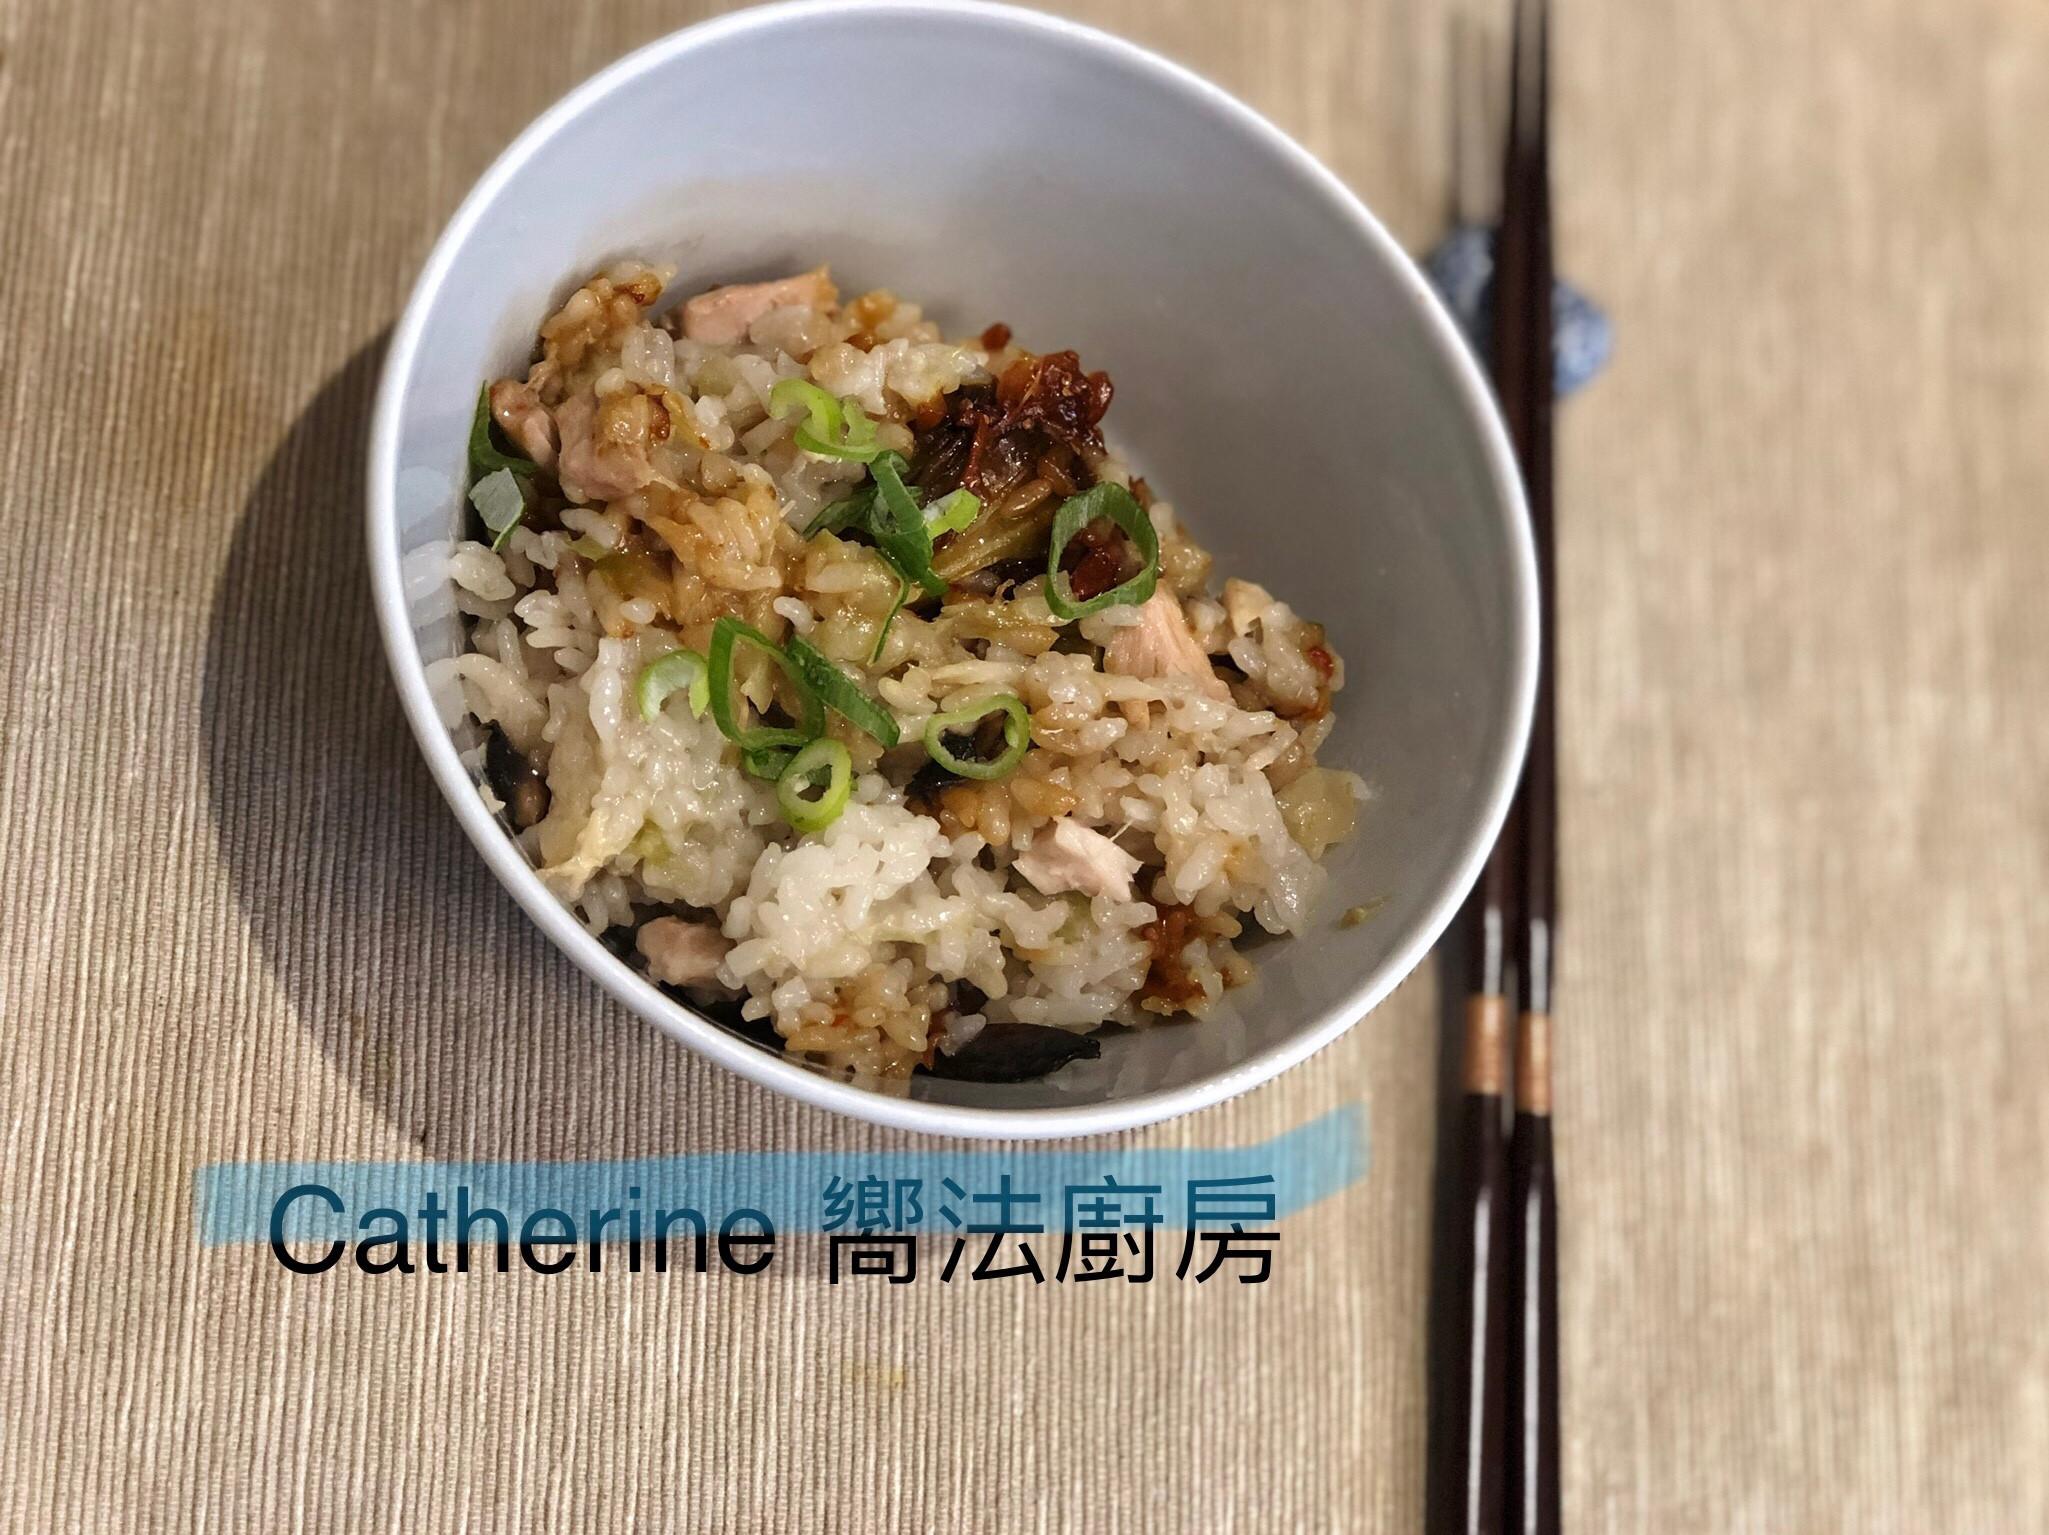 簡易電鍋麻油雞飯